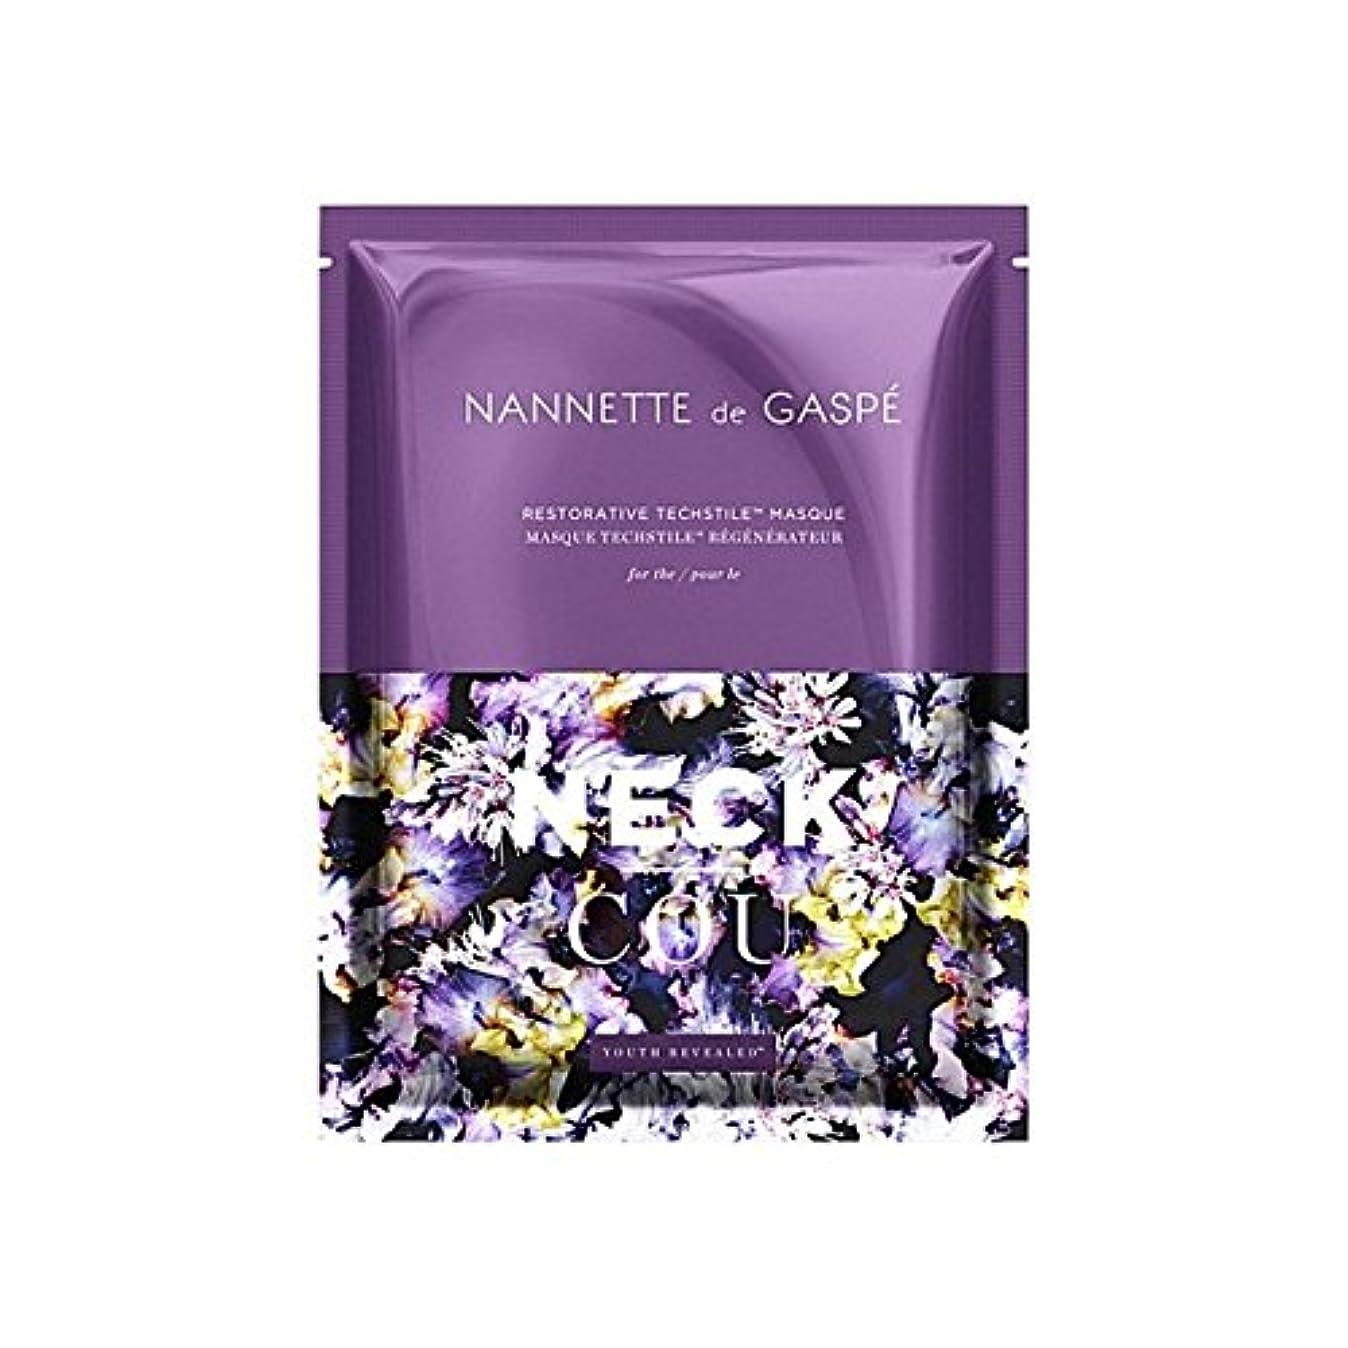 価格スロービーチデガスペ修復首の仮面劇 x2 - Nannette De Gaspe Restorative Techstile Neck Masque (Pack of 2) [並行輸入品]